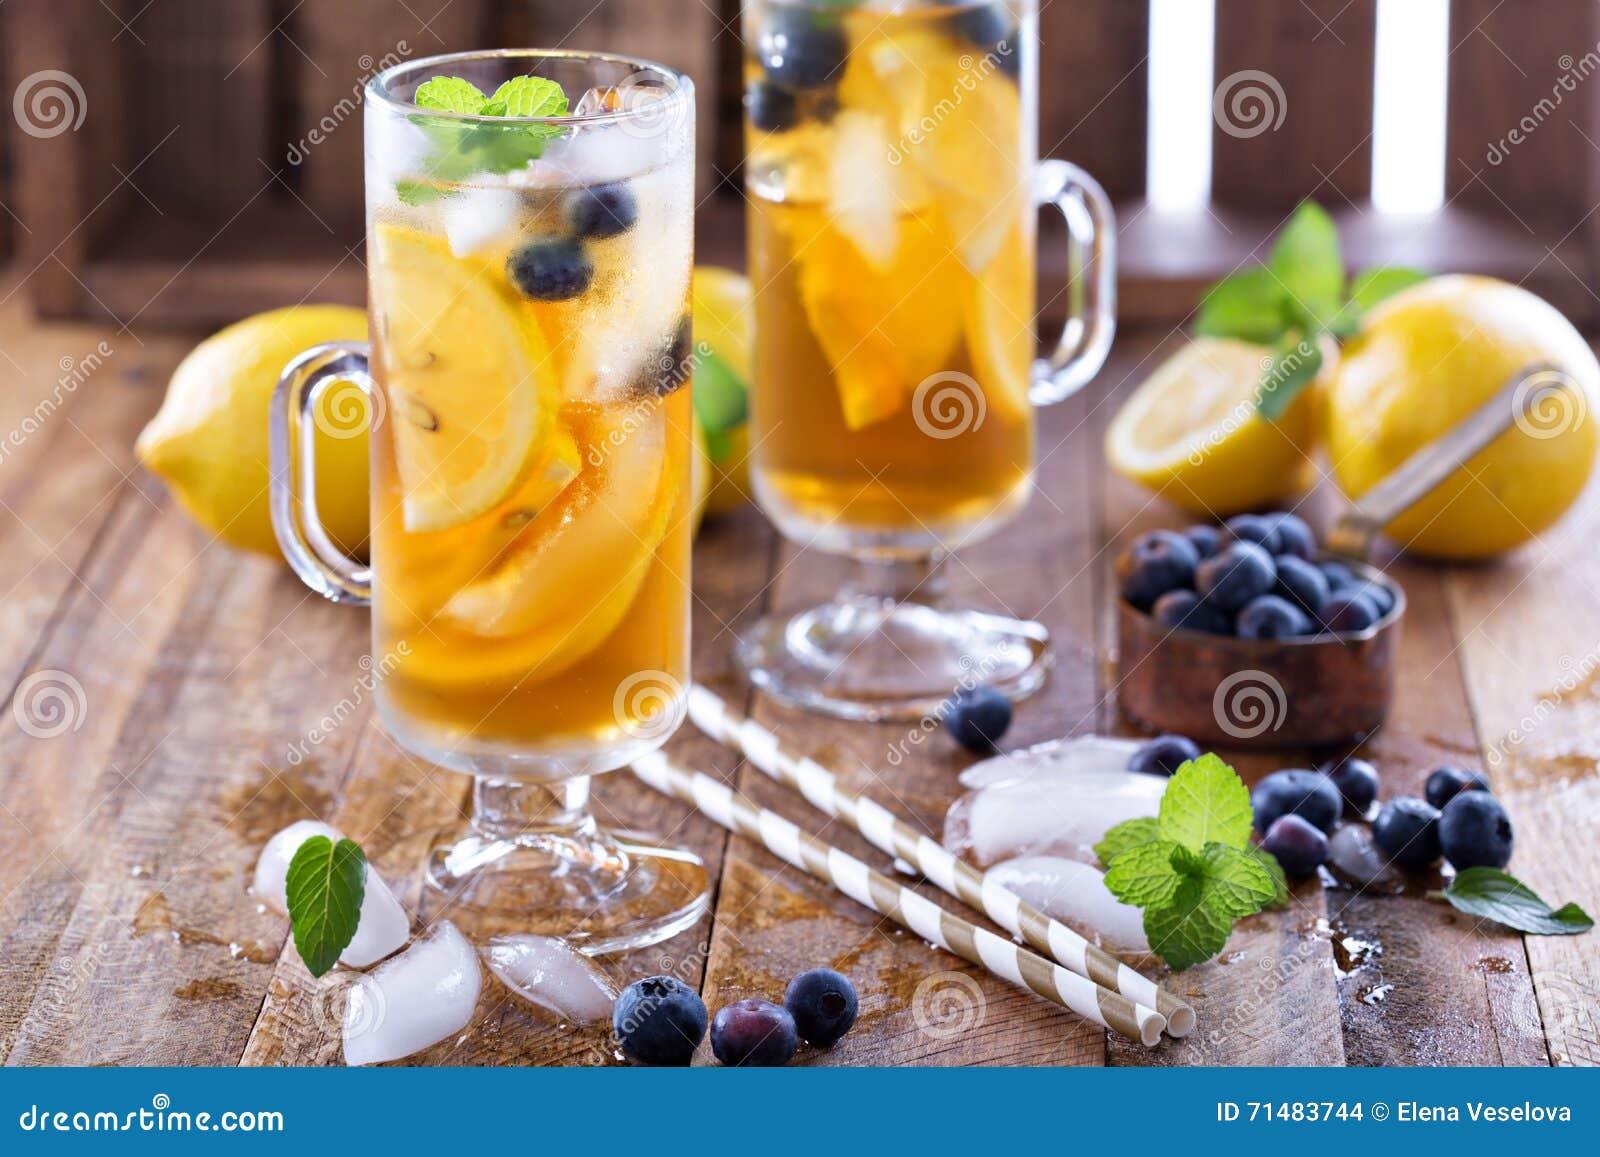 Eistee mit Blaubeeren und Zitronenscheiben